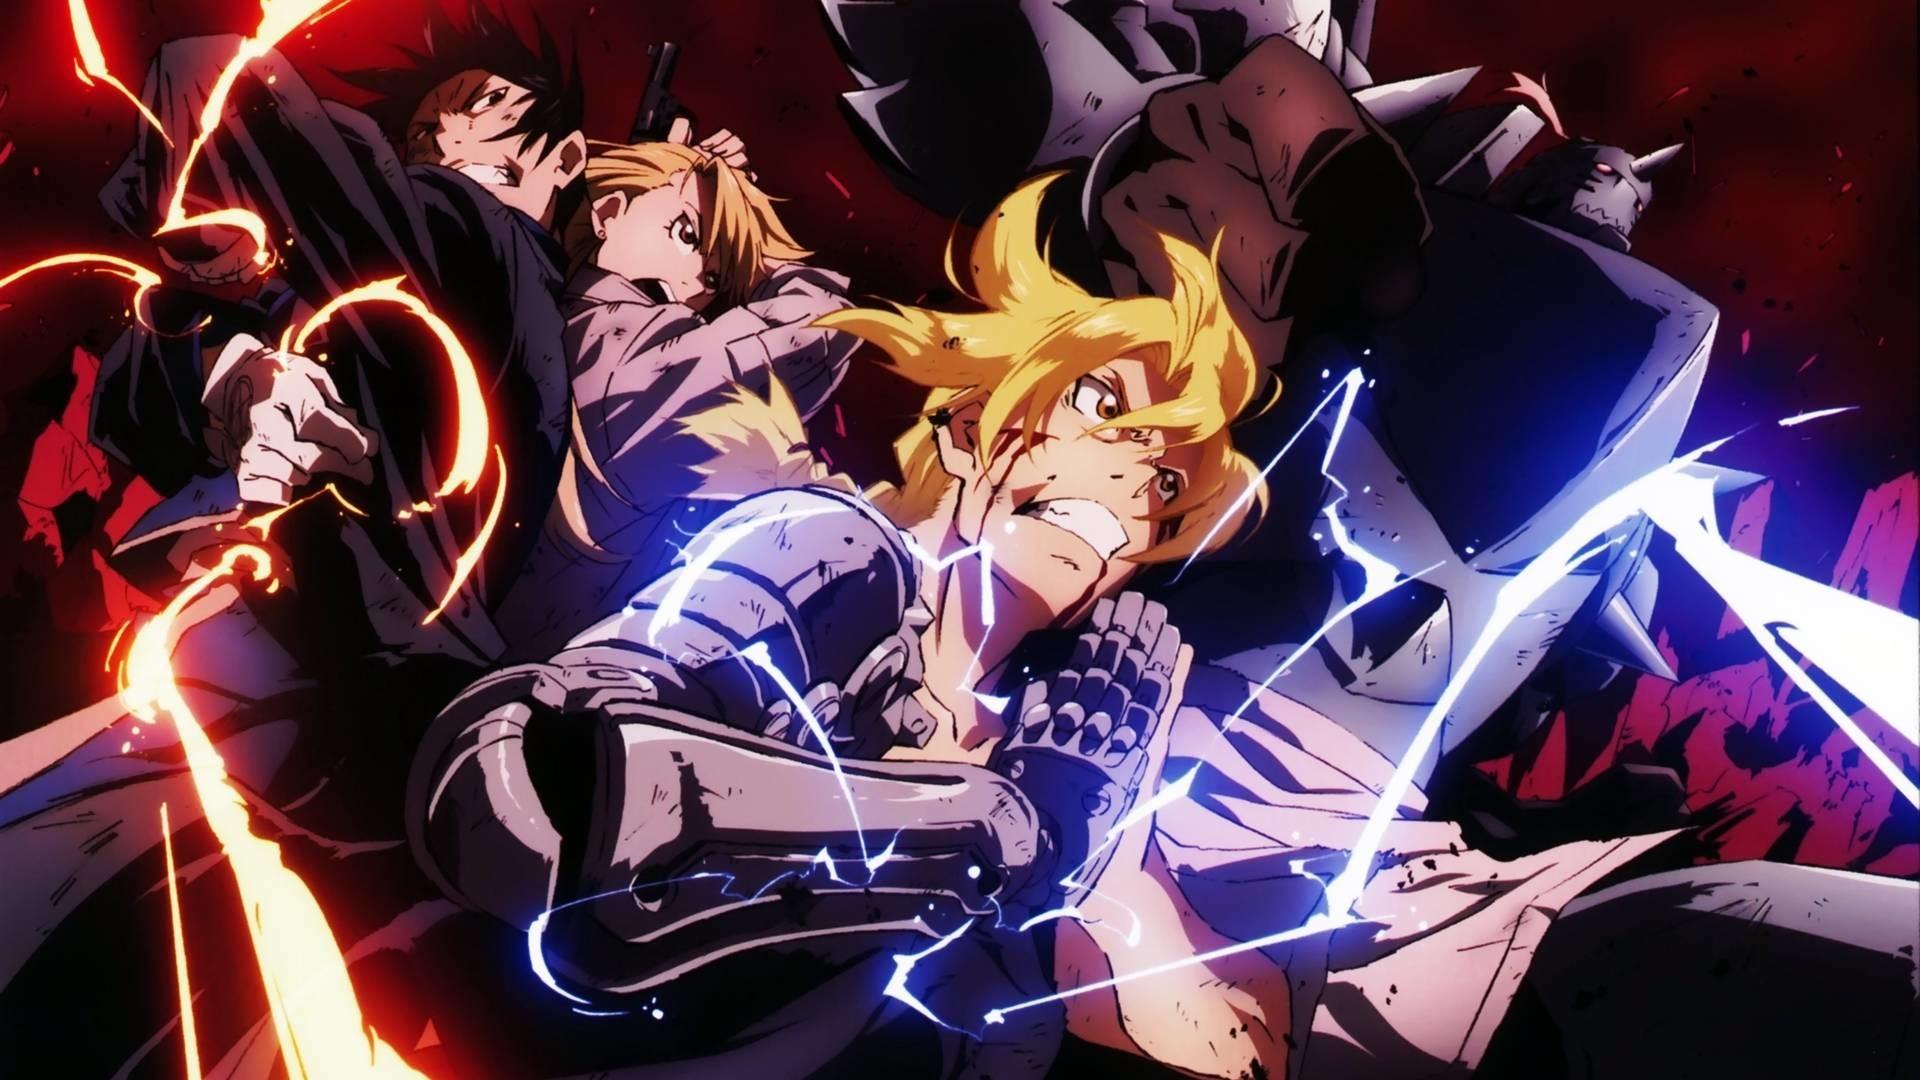 Fullmetal Alchemist Brotherhood Hd Wallpaper – Free Android .